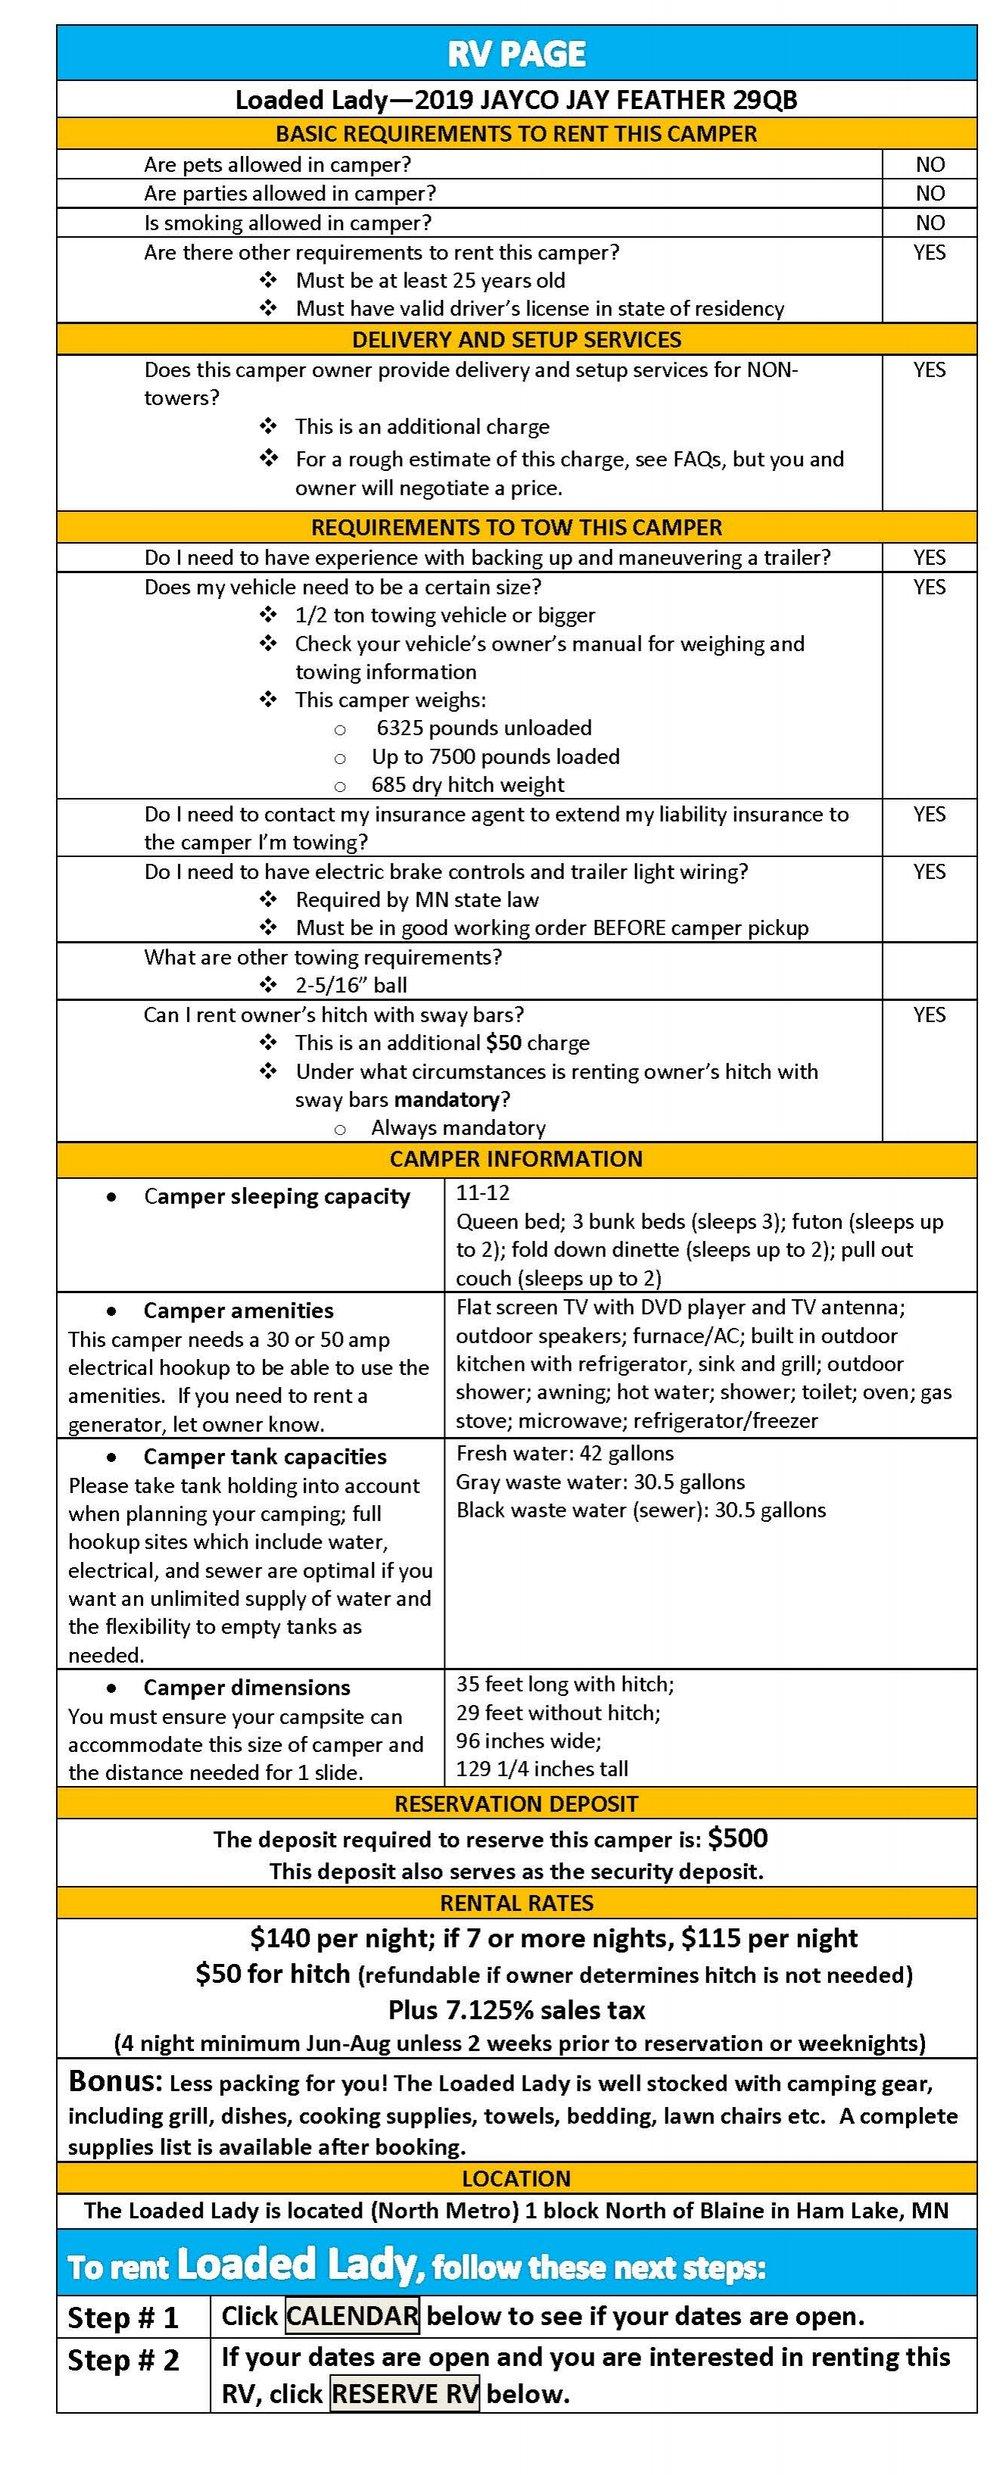 XXX Loaded Lady 2 webpage table.jpg